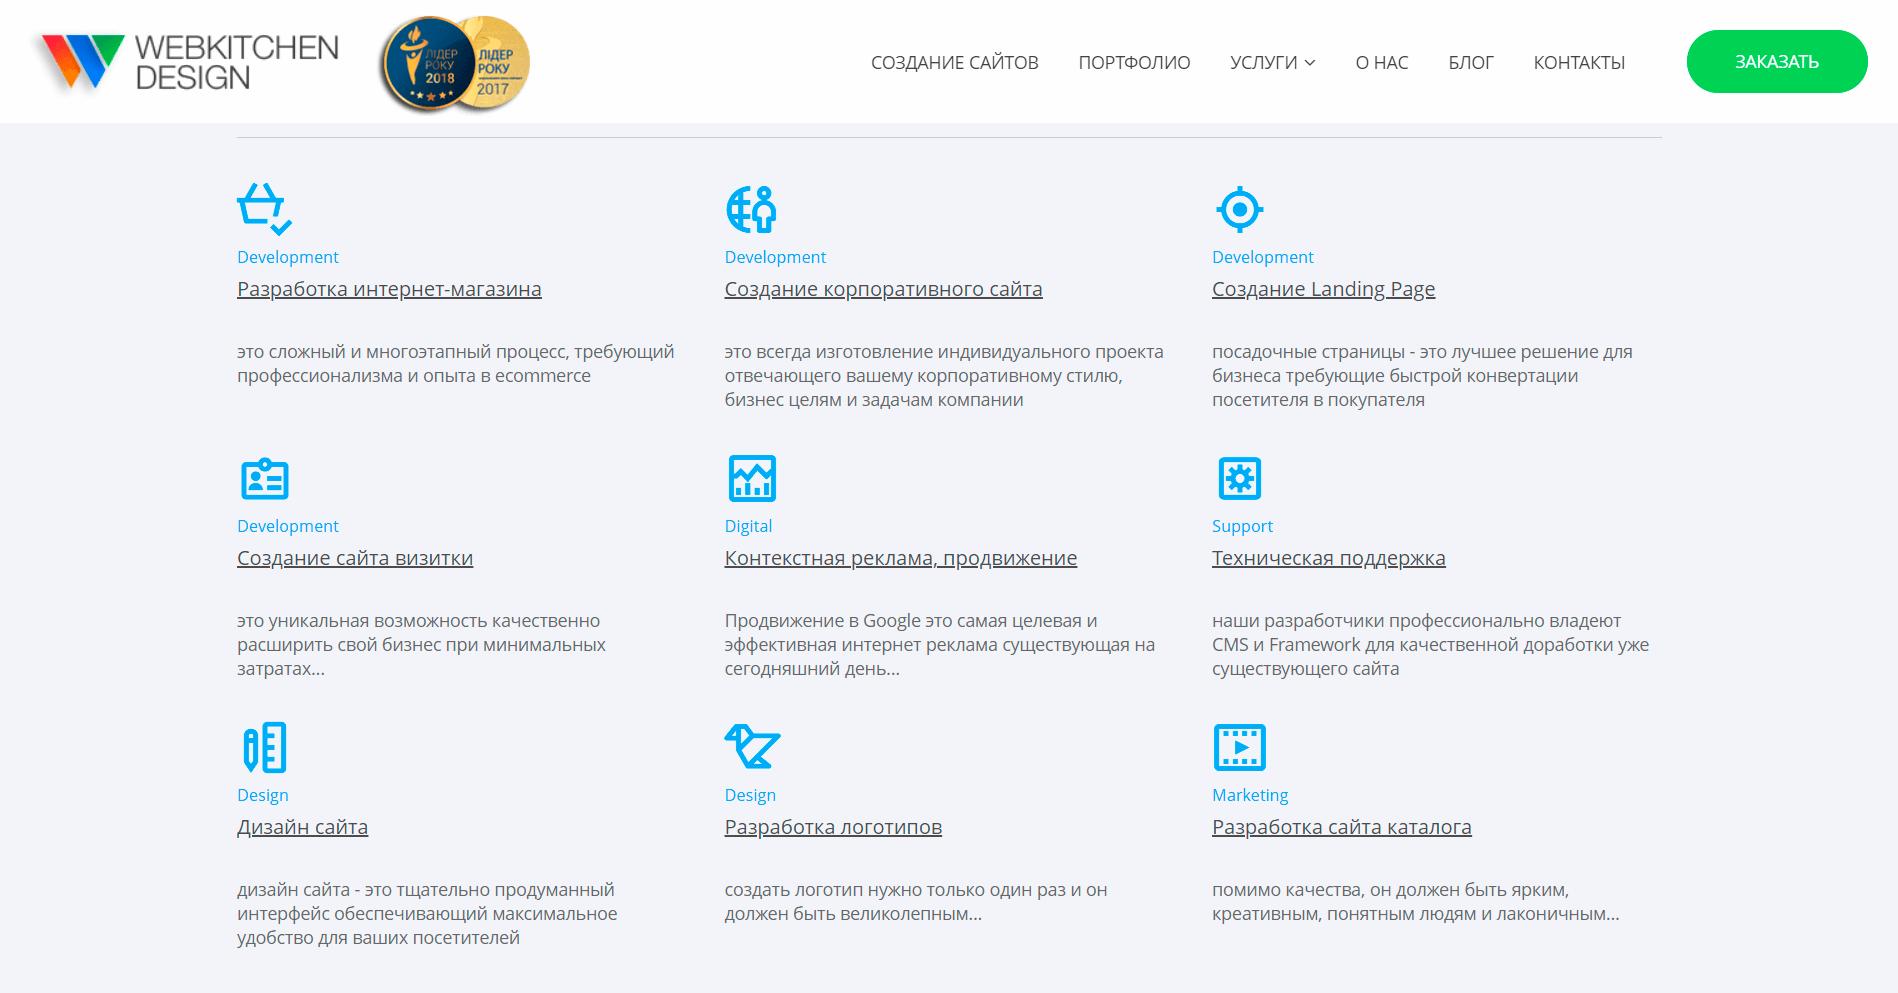 WEBKITCHEN DESIGN - обзор компании, услуги, отзывы, клиенты, Фото № 1 - google-seo.pro